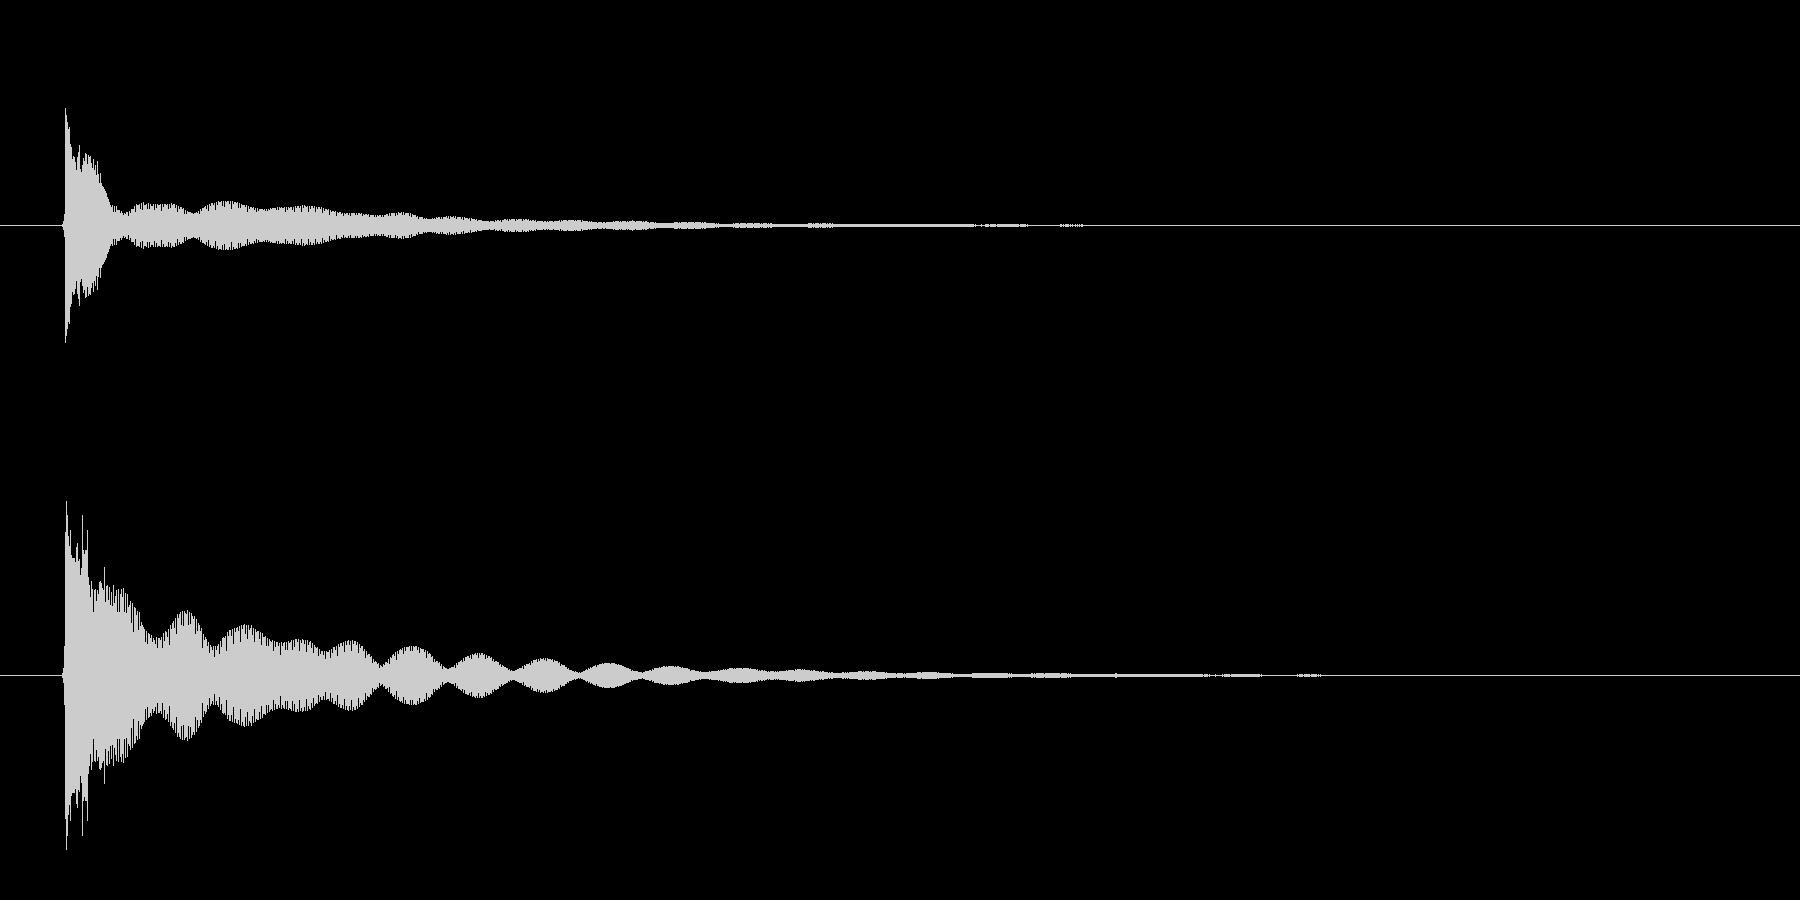 チーン(フィンガーシンバルの音)の未再生の波形